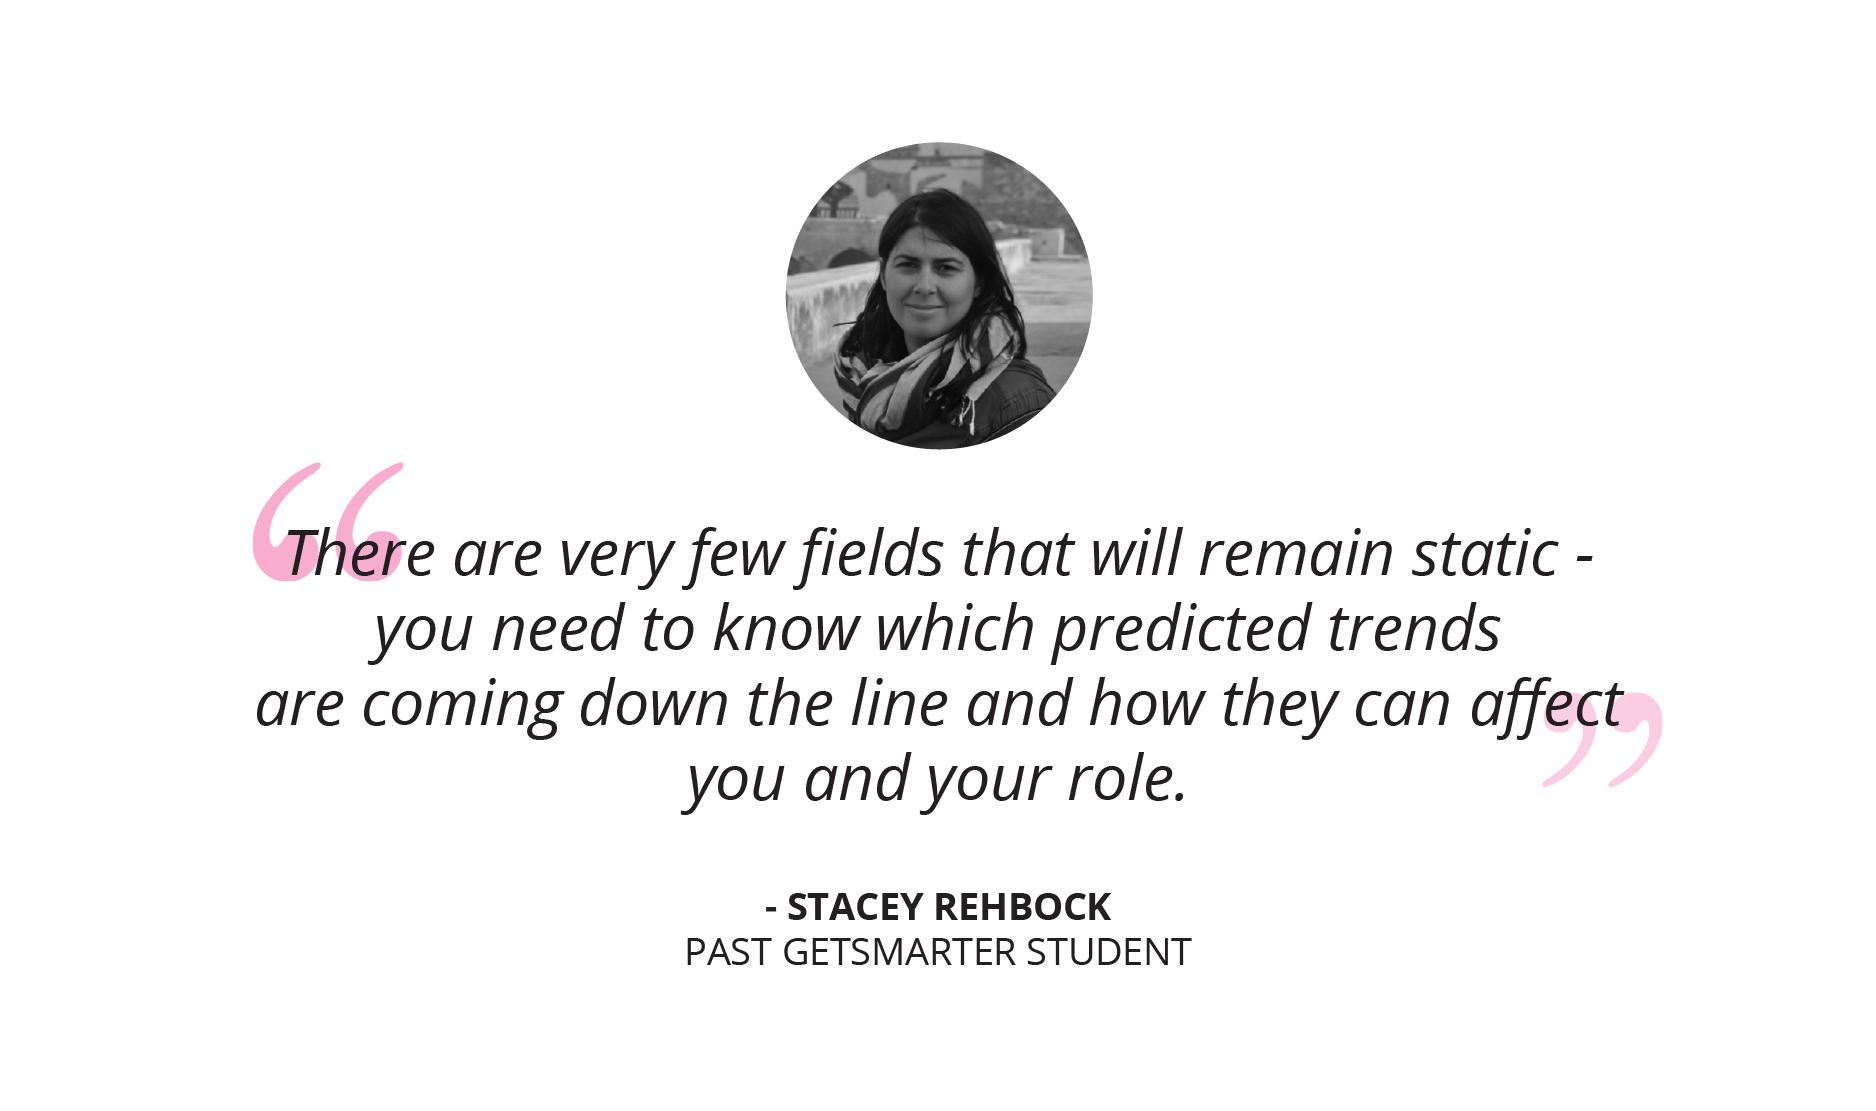 skills cv 2020 getsmarter online short course quote stacey rehbock desktop